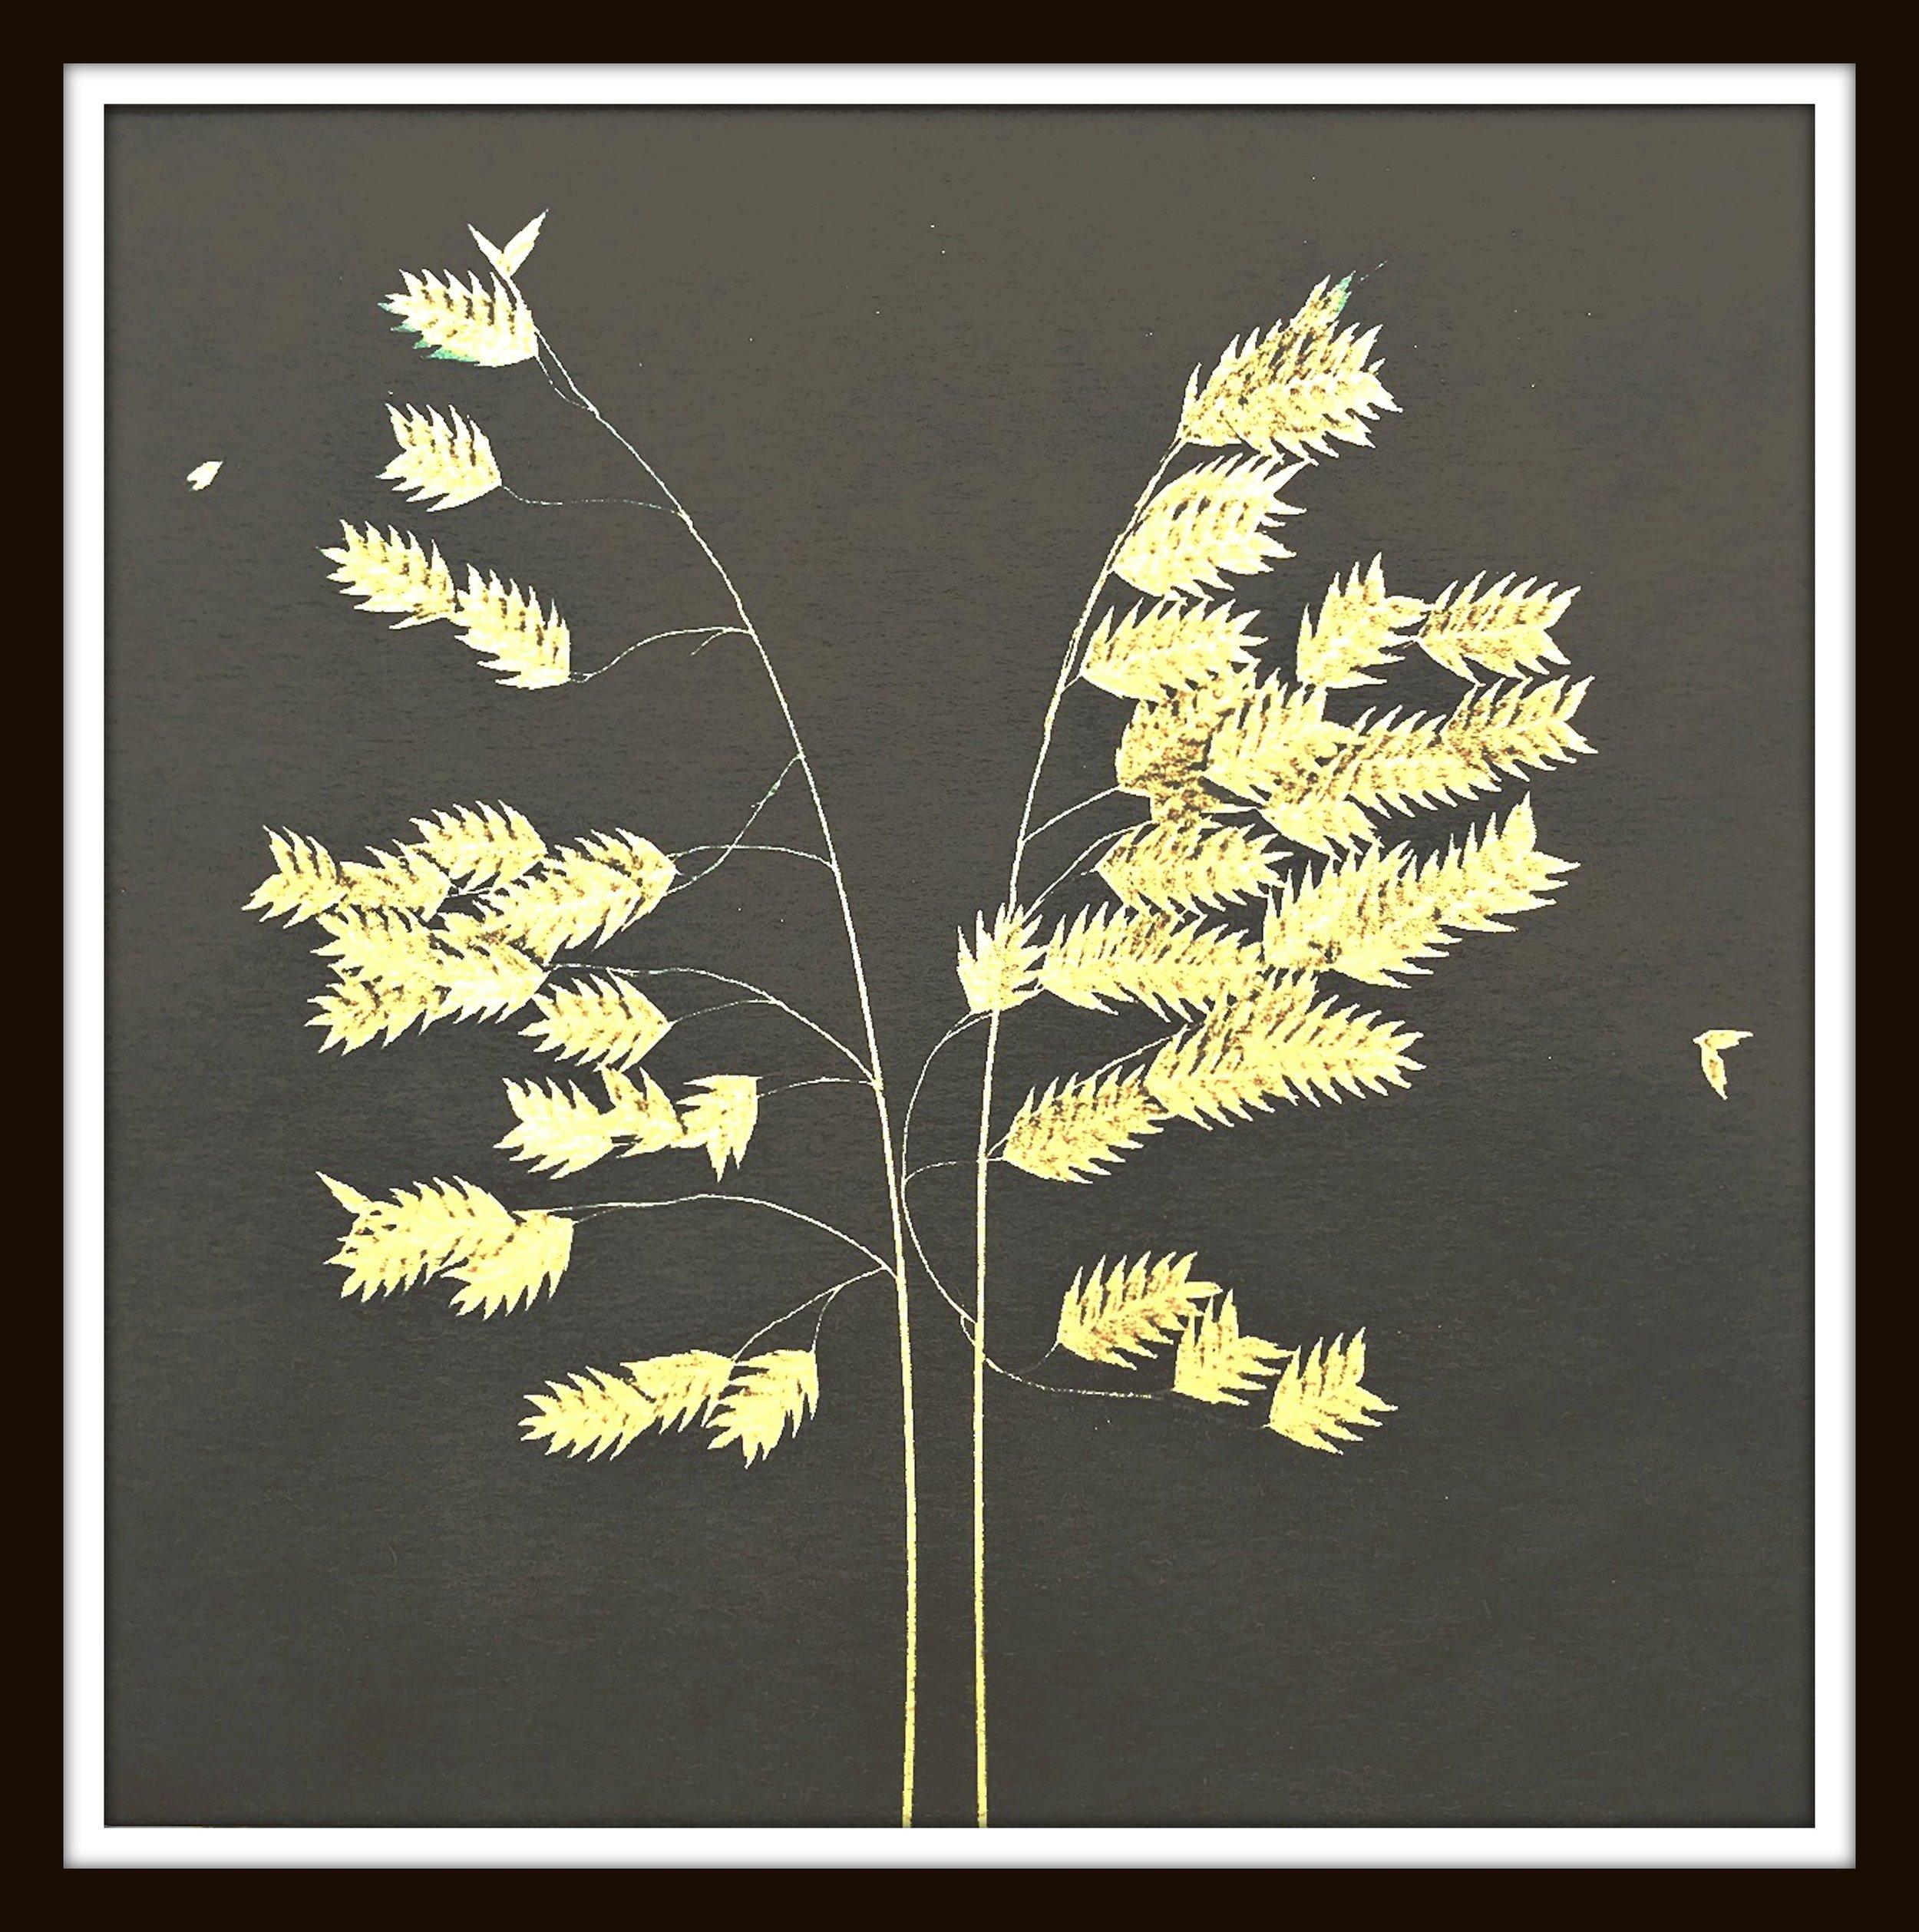 oatgrassWEBframed.jpg